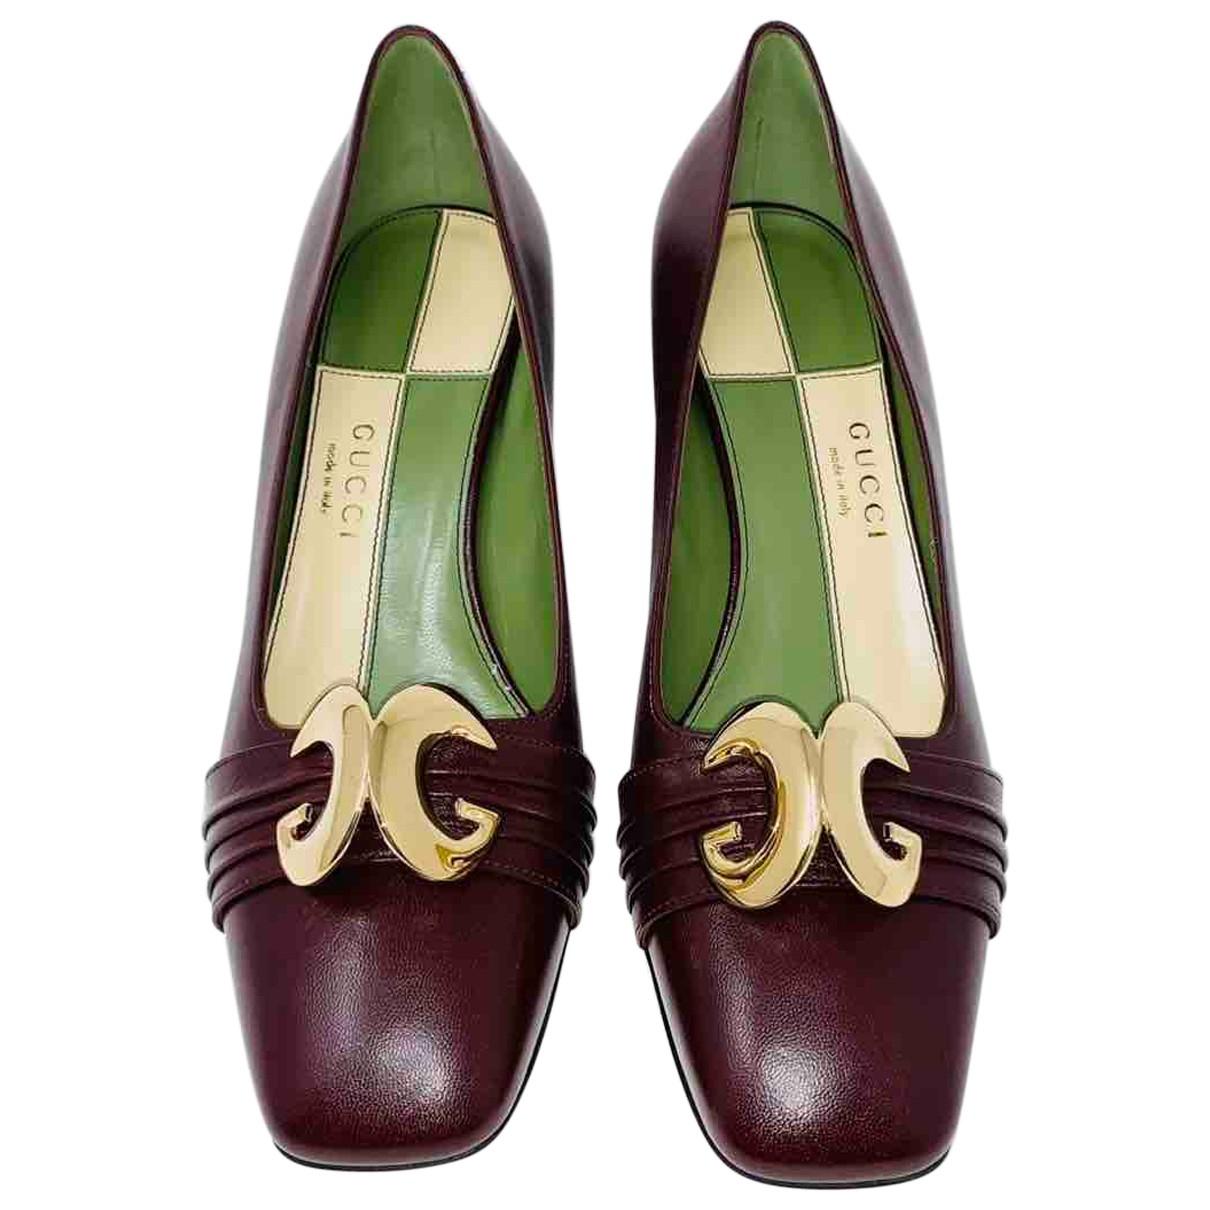 Gucci - Escarpins Malaga pour femme en cuir - bordeaux